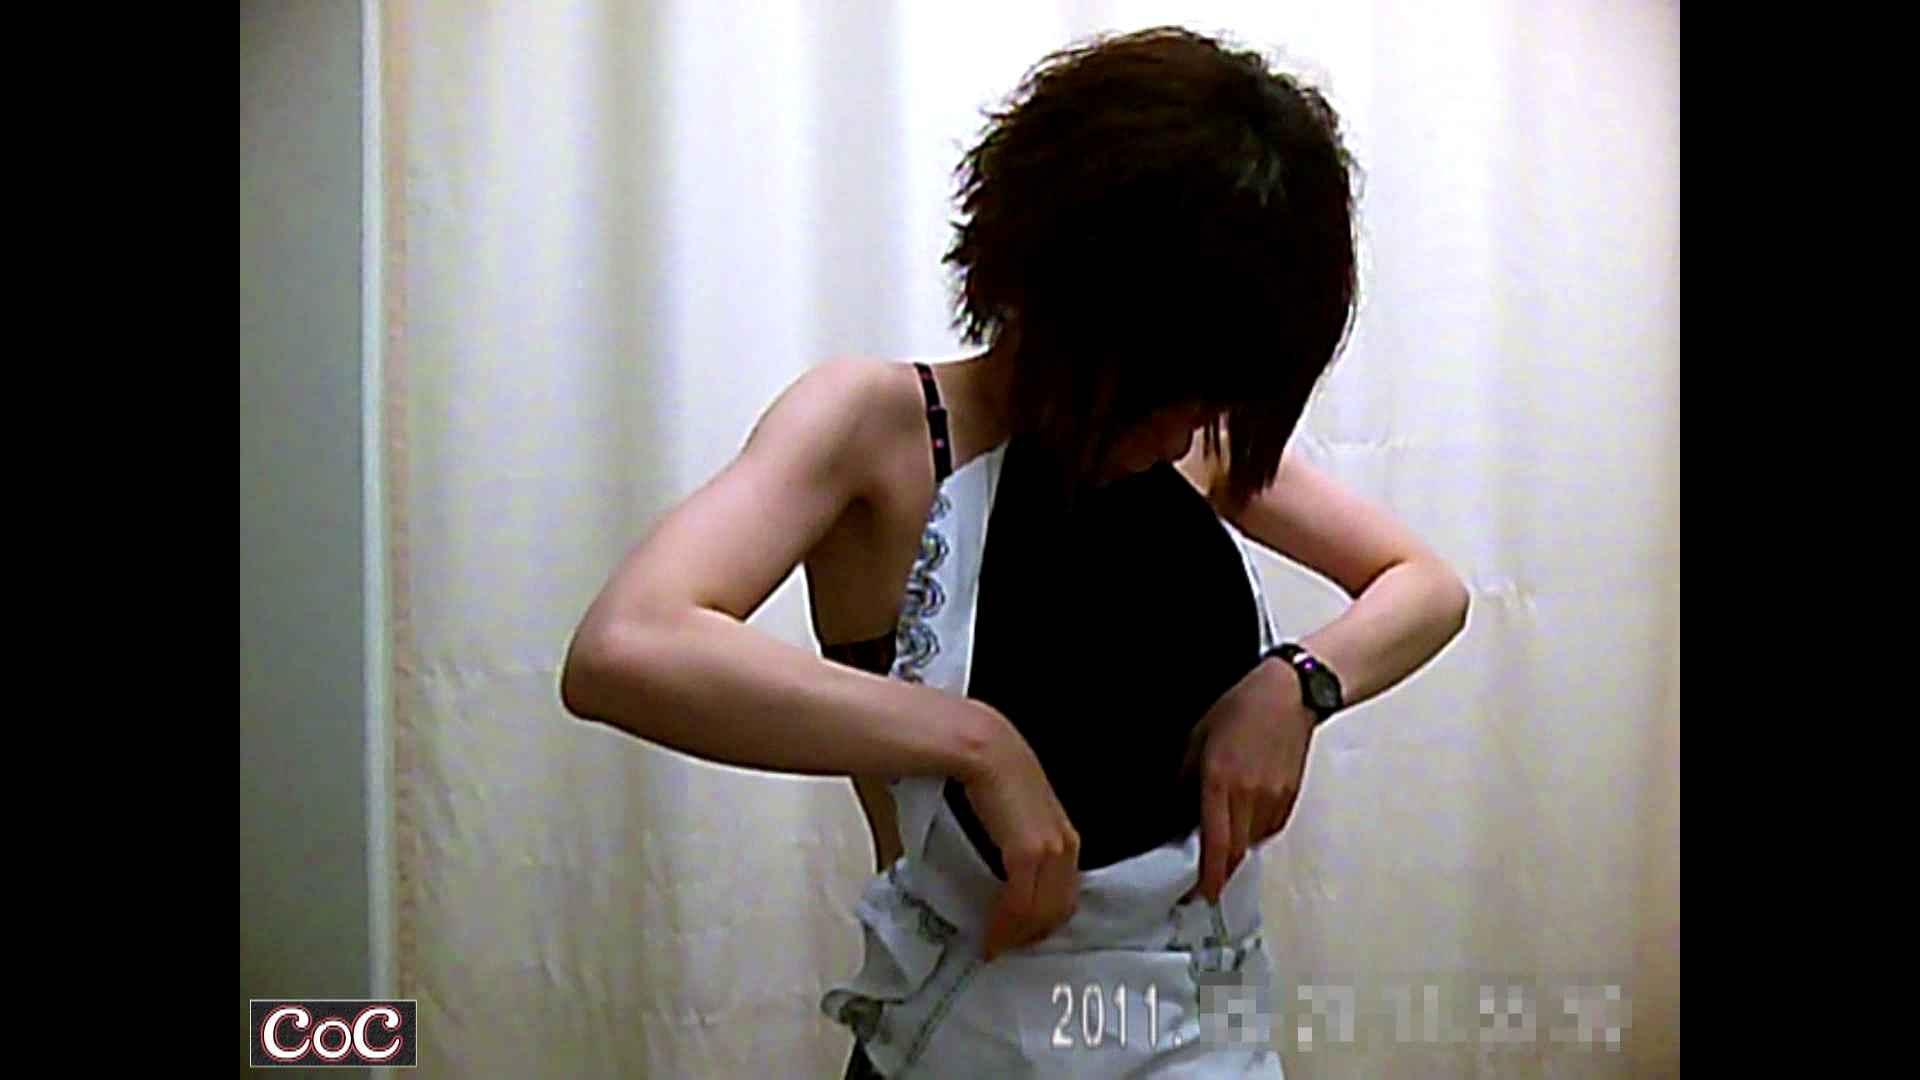 元医者による反抗 更衣室地獄絵巻 vol.164 OL  80pic 46